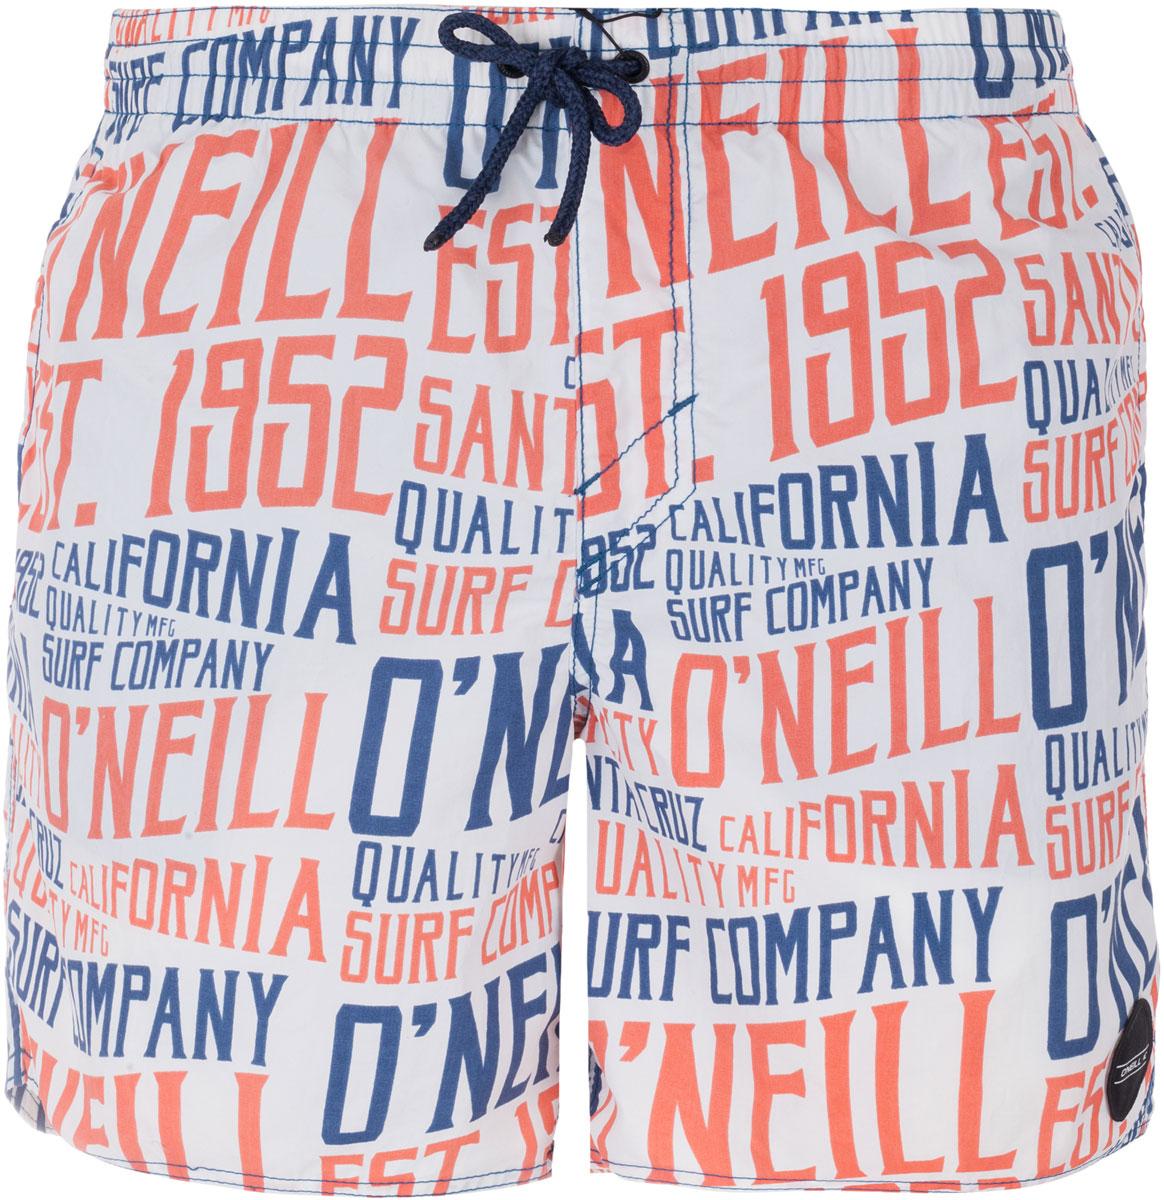 Шорты пляжные мужские ONeill Pm Signage Shorts, цвет: белый, оранжевый, синий. 7A3672-1900. Размер L (50/52)7A3672-1900Мужские пляжные шорты ONeill выполнены из 100% полиэстера. Технология Hyperdry надежно защищает от влаги, пропускает воздух и позволяет ткани быстро сохнуть. Пояс снабжен эластичной резинкой с затягивающимся шнурком для комфортной посадки. Изделие декорировано сплошным принтом в виде надписей.